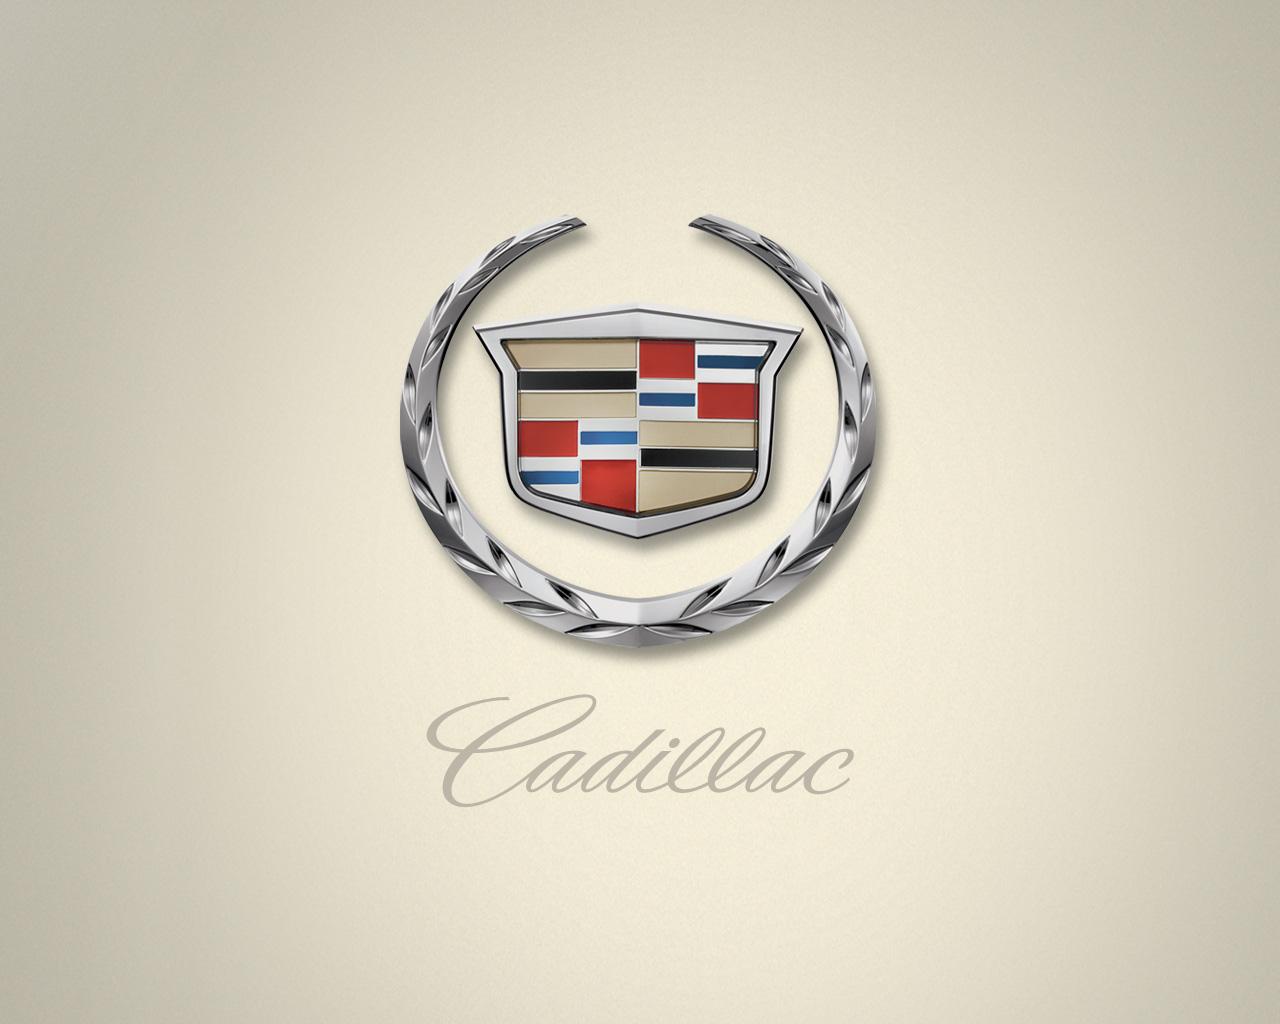 Cadillac Logo Wallpaper